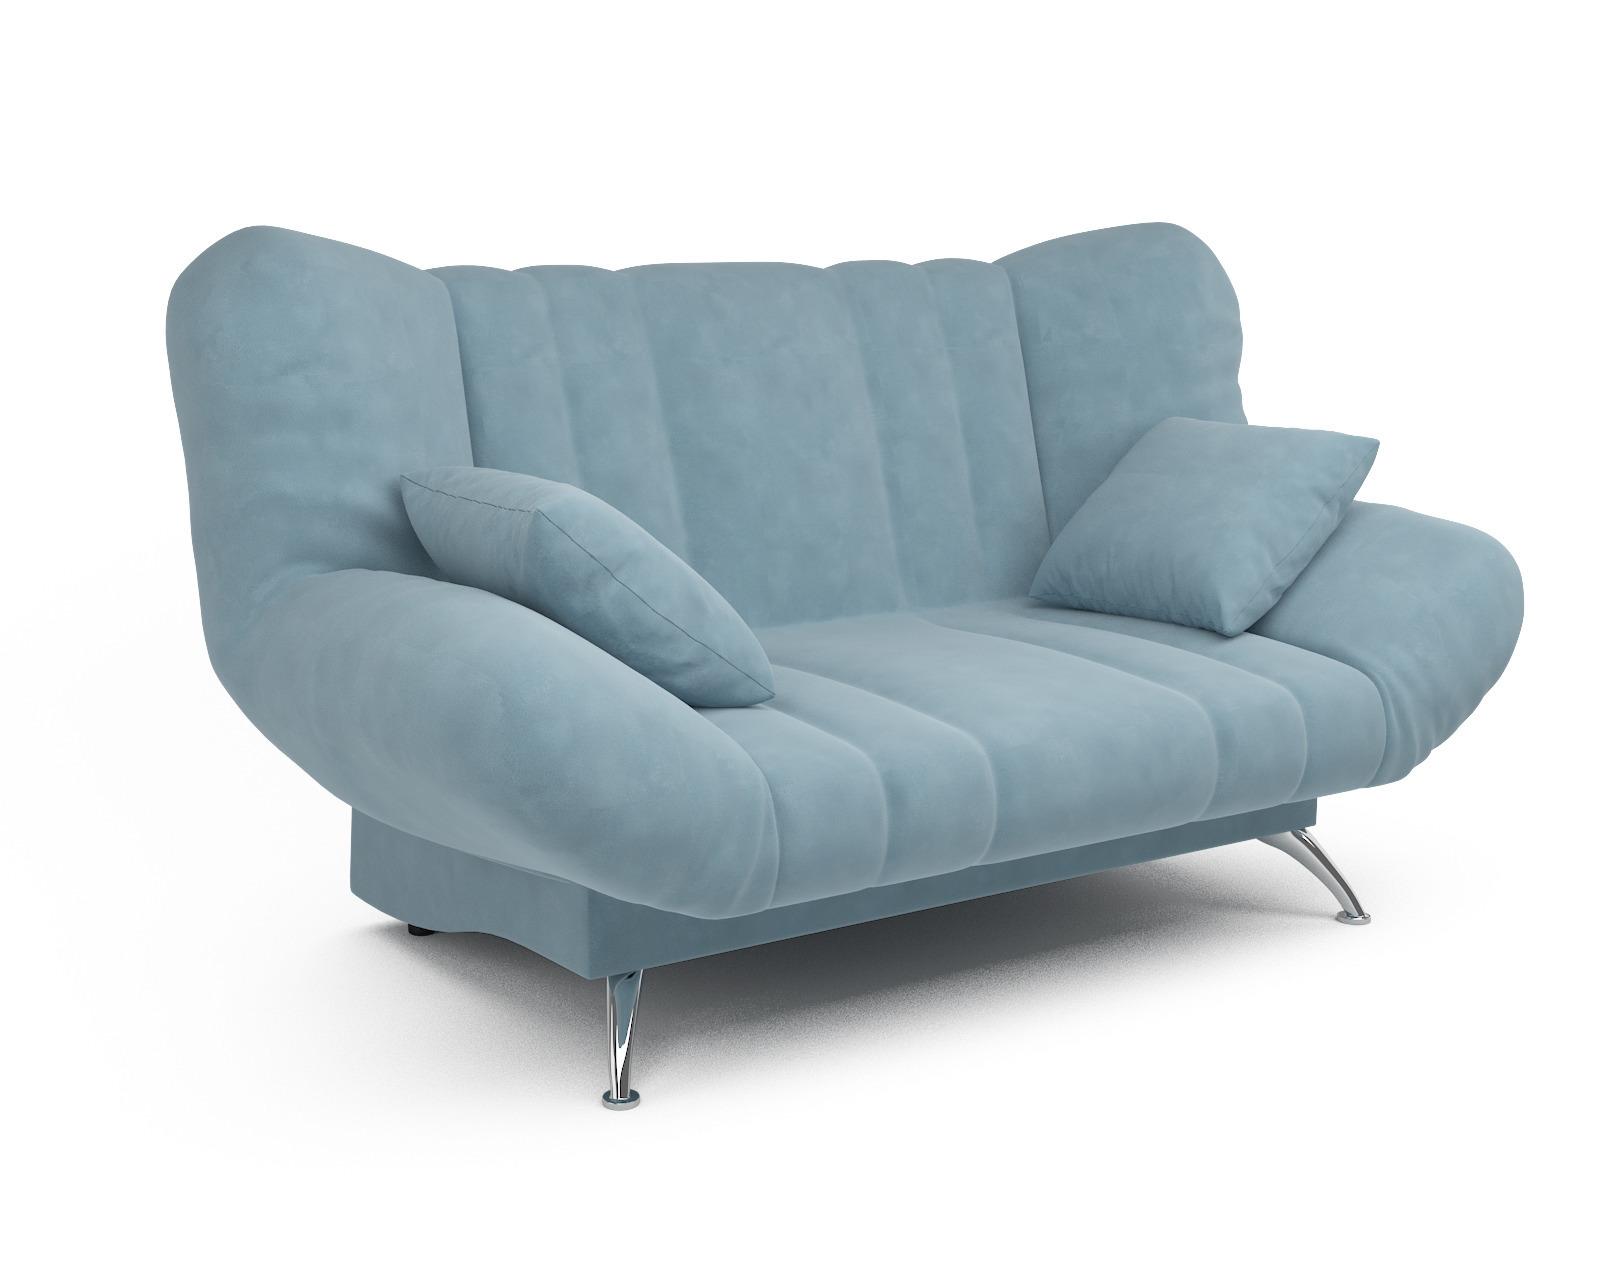 Прямой диван Голд (голубой - Luna 089)